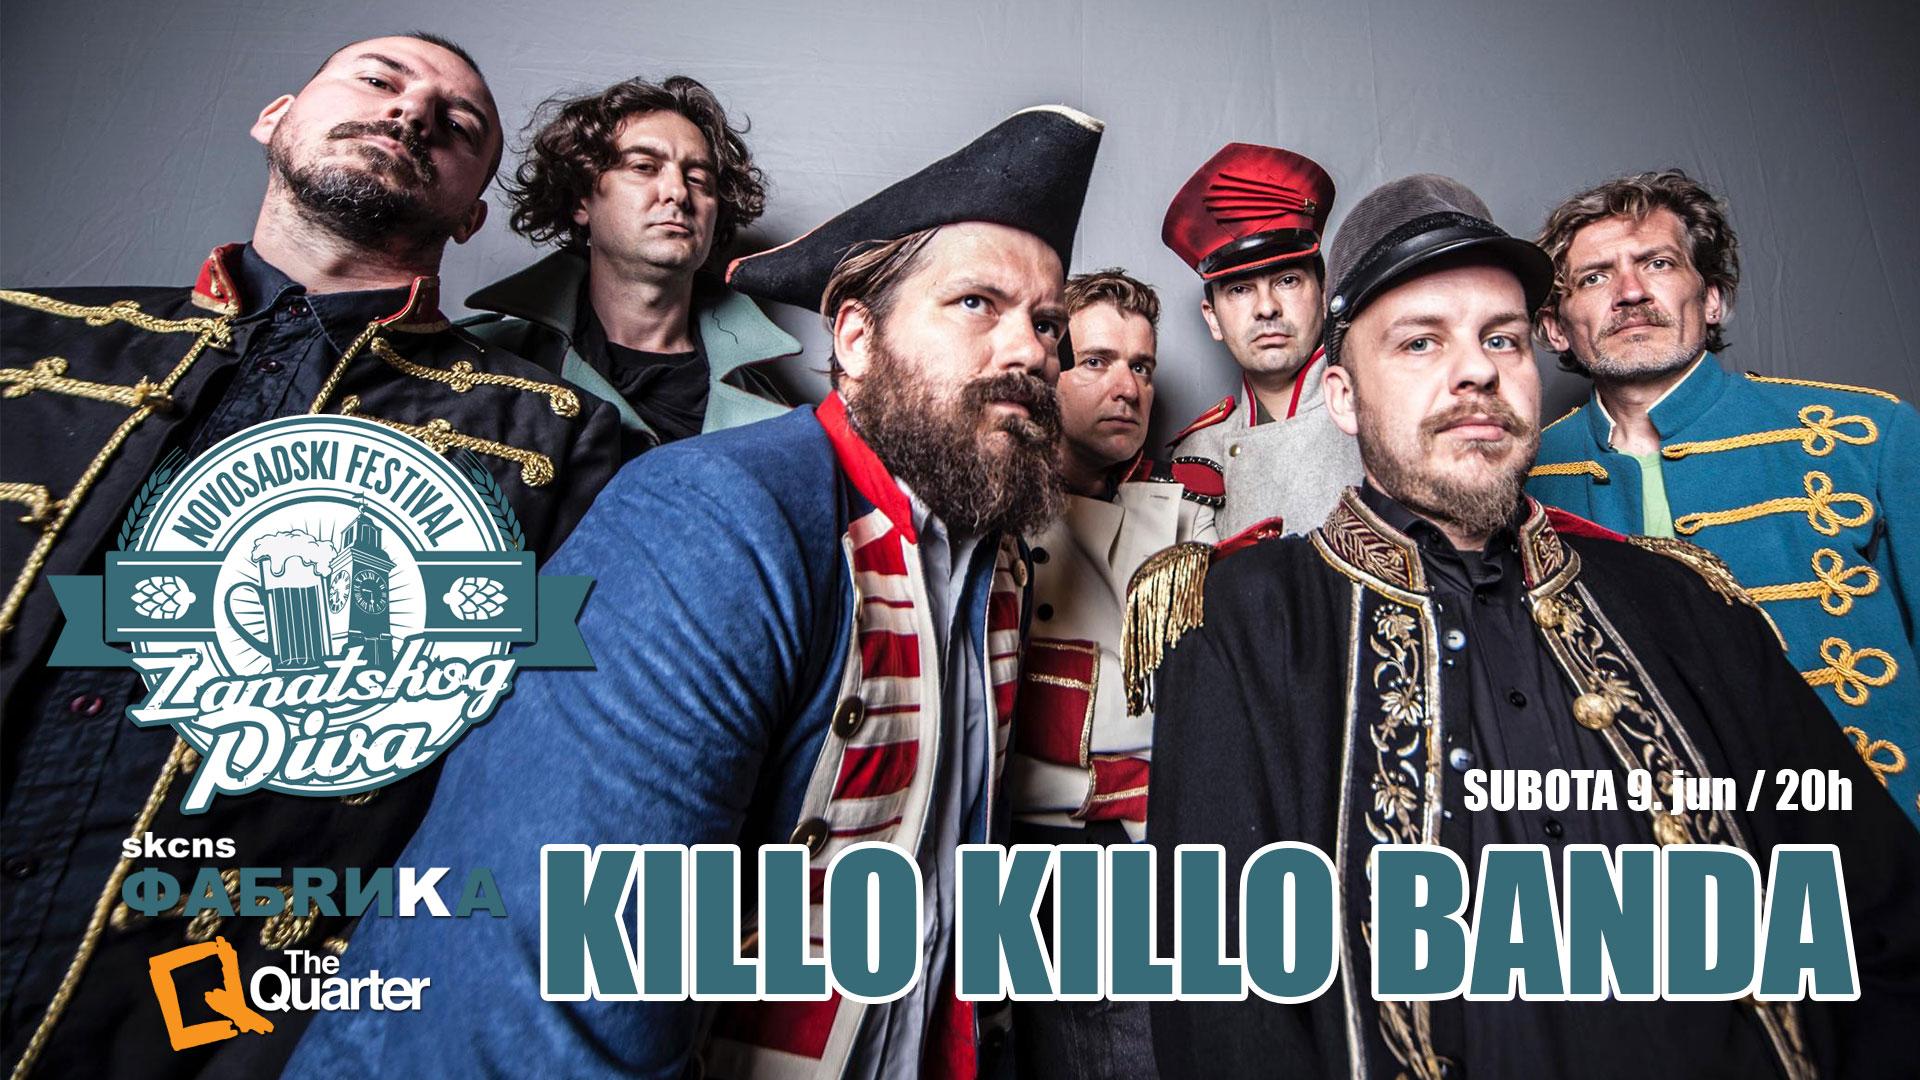 Killo Killo Banda